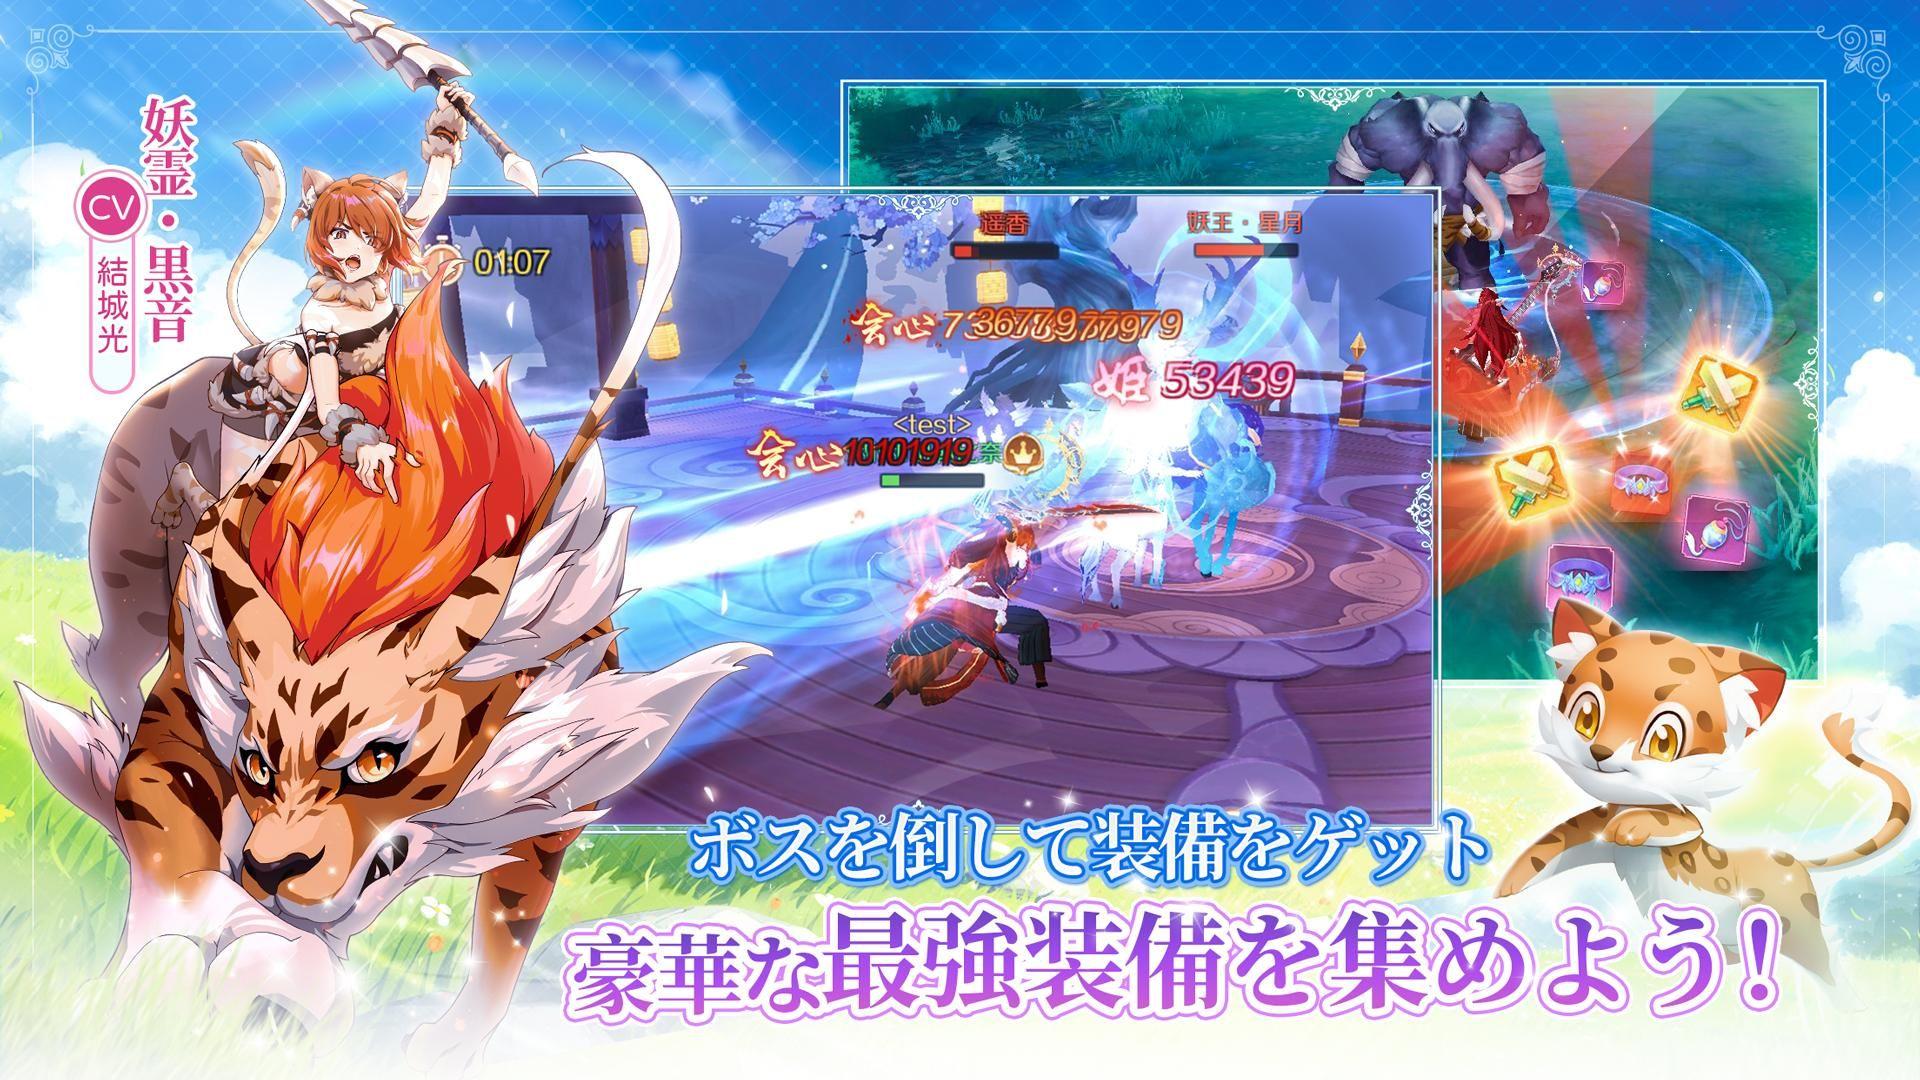 天姫契约 游戏截图4